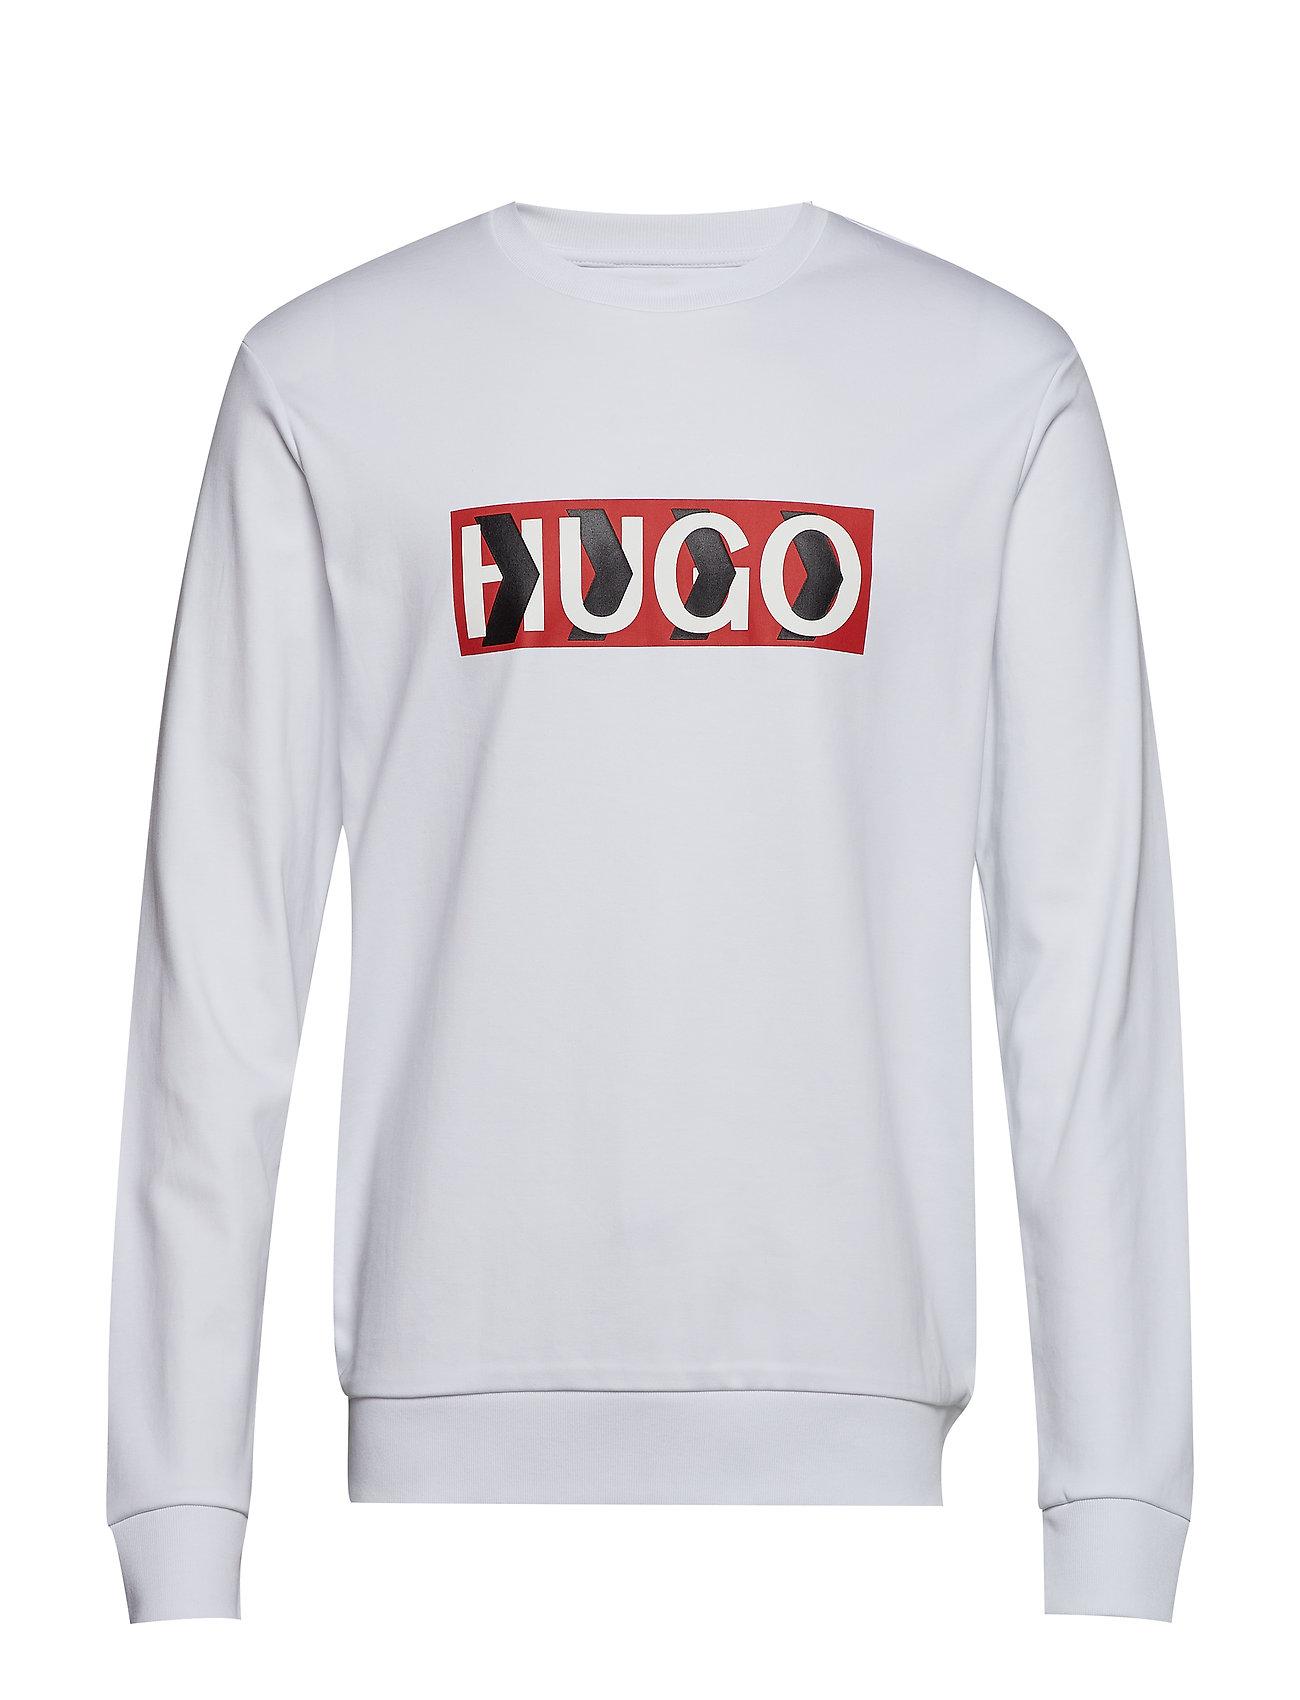 HUGO Dicago_LP1 - WHITE